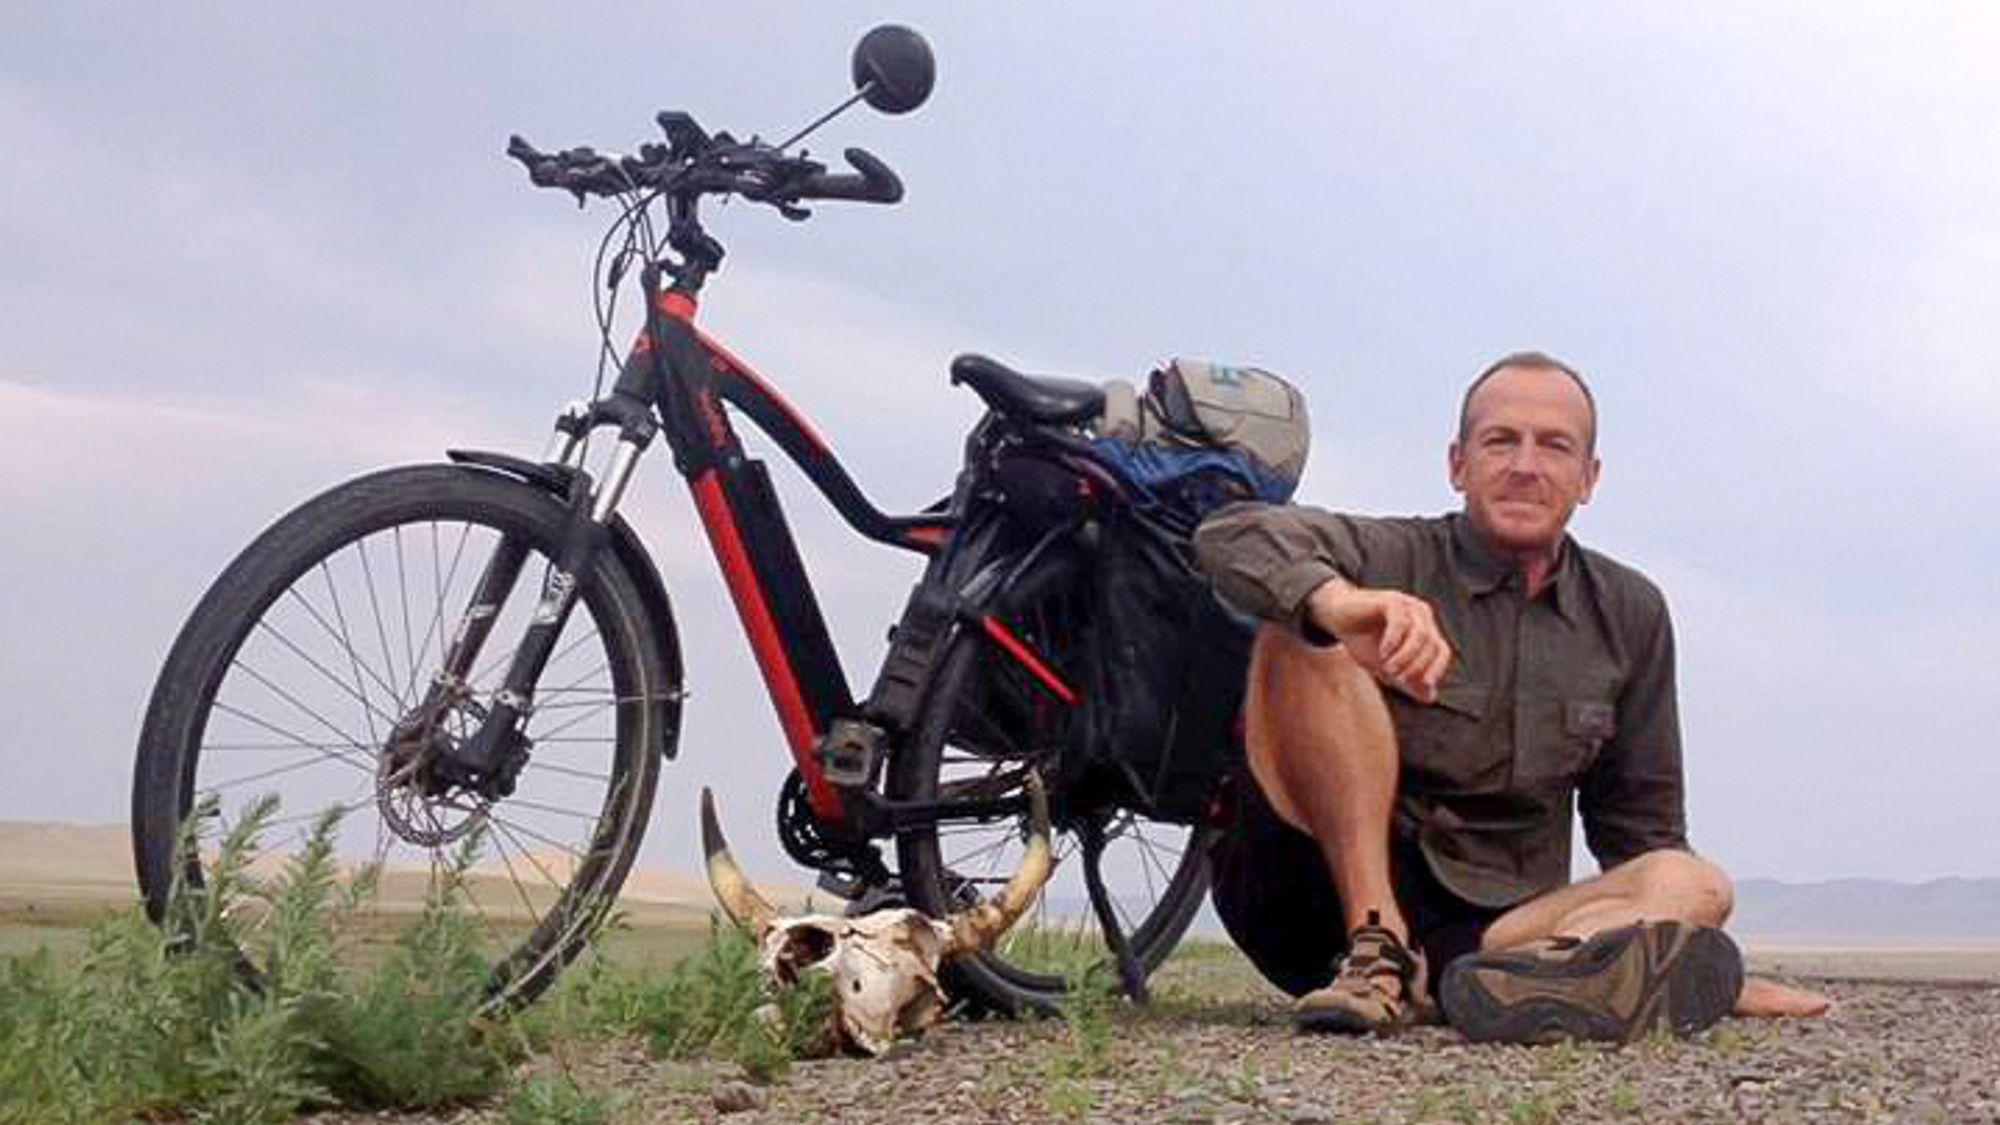 Øde og varmt: I mongolia